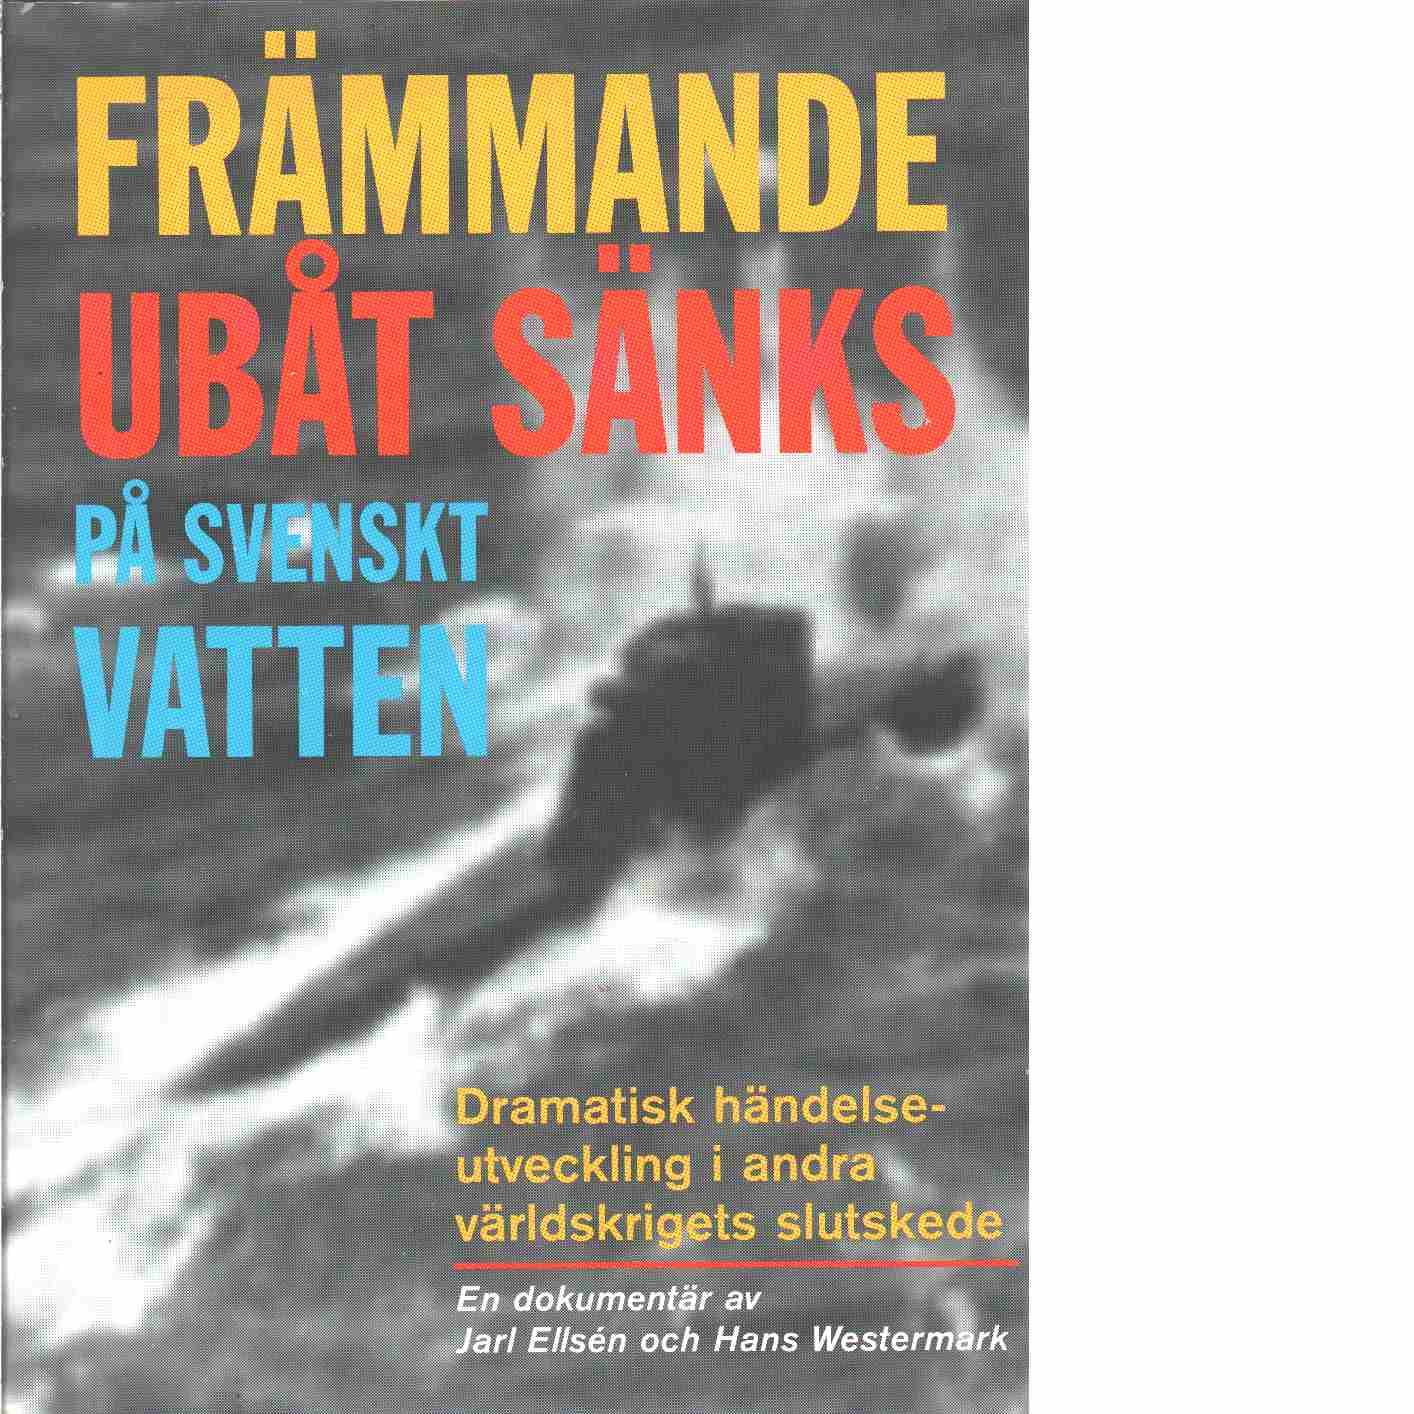 Främmande ubåt sänks på svenskt vatten : dramatisk händelseutveckling i andra världskrigets slutskede  - Ellsén, Jarl och Westermark, Hans